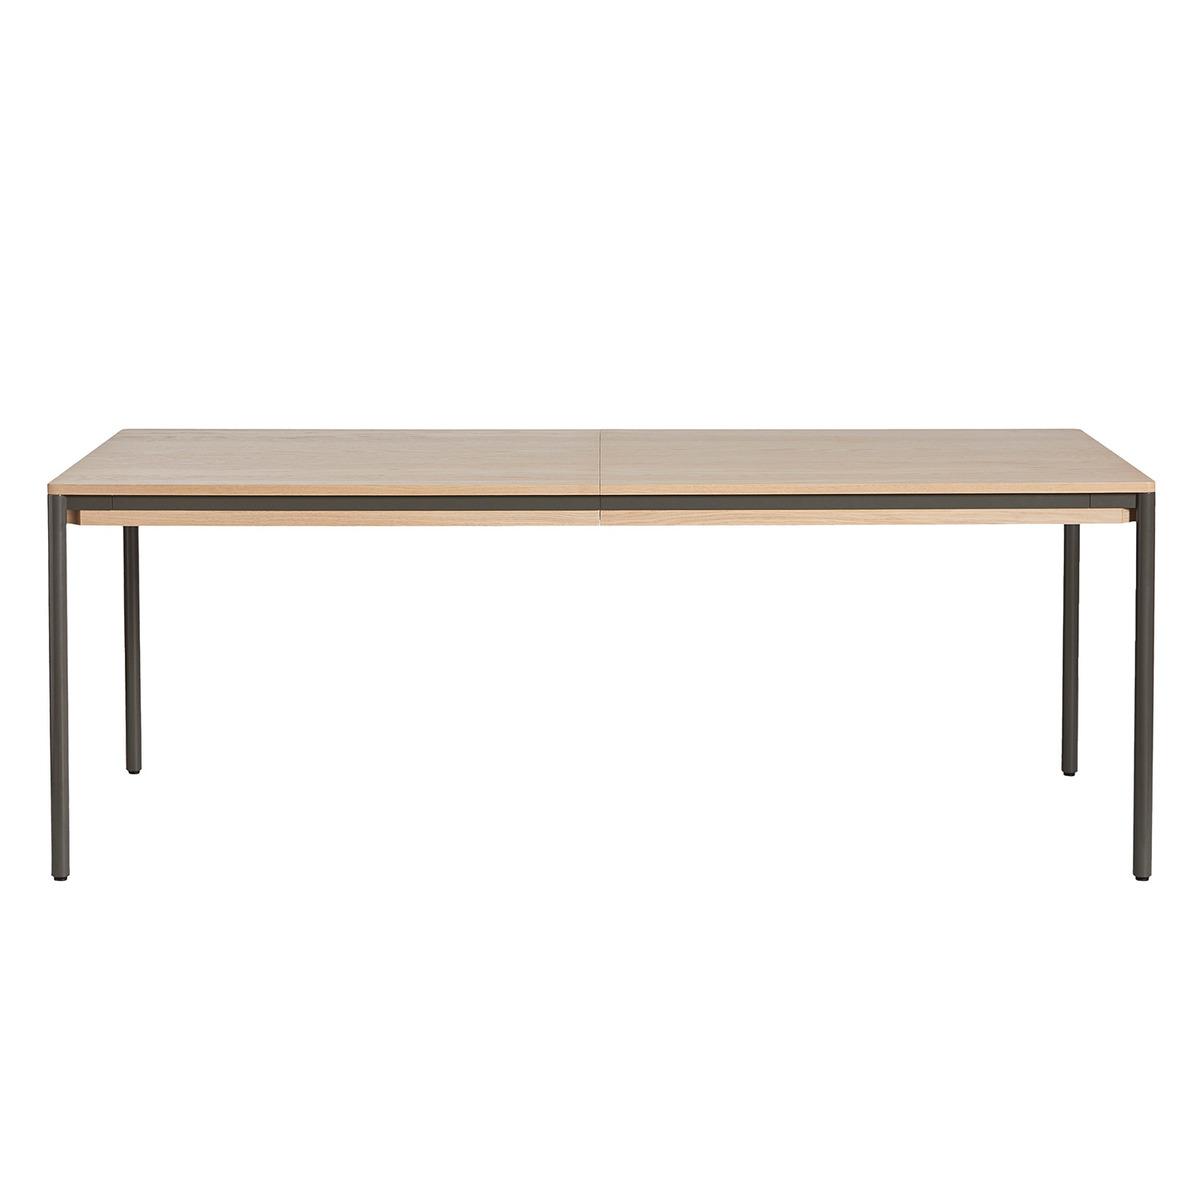 Woud Piezas Extendable Dining Table 200 X 95 Cm Oak Finnish Design Shop